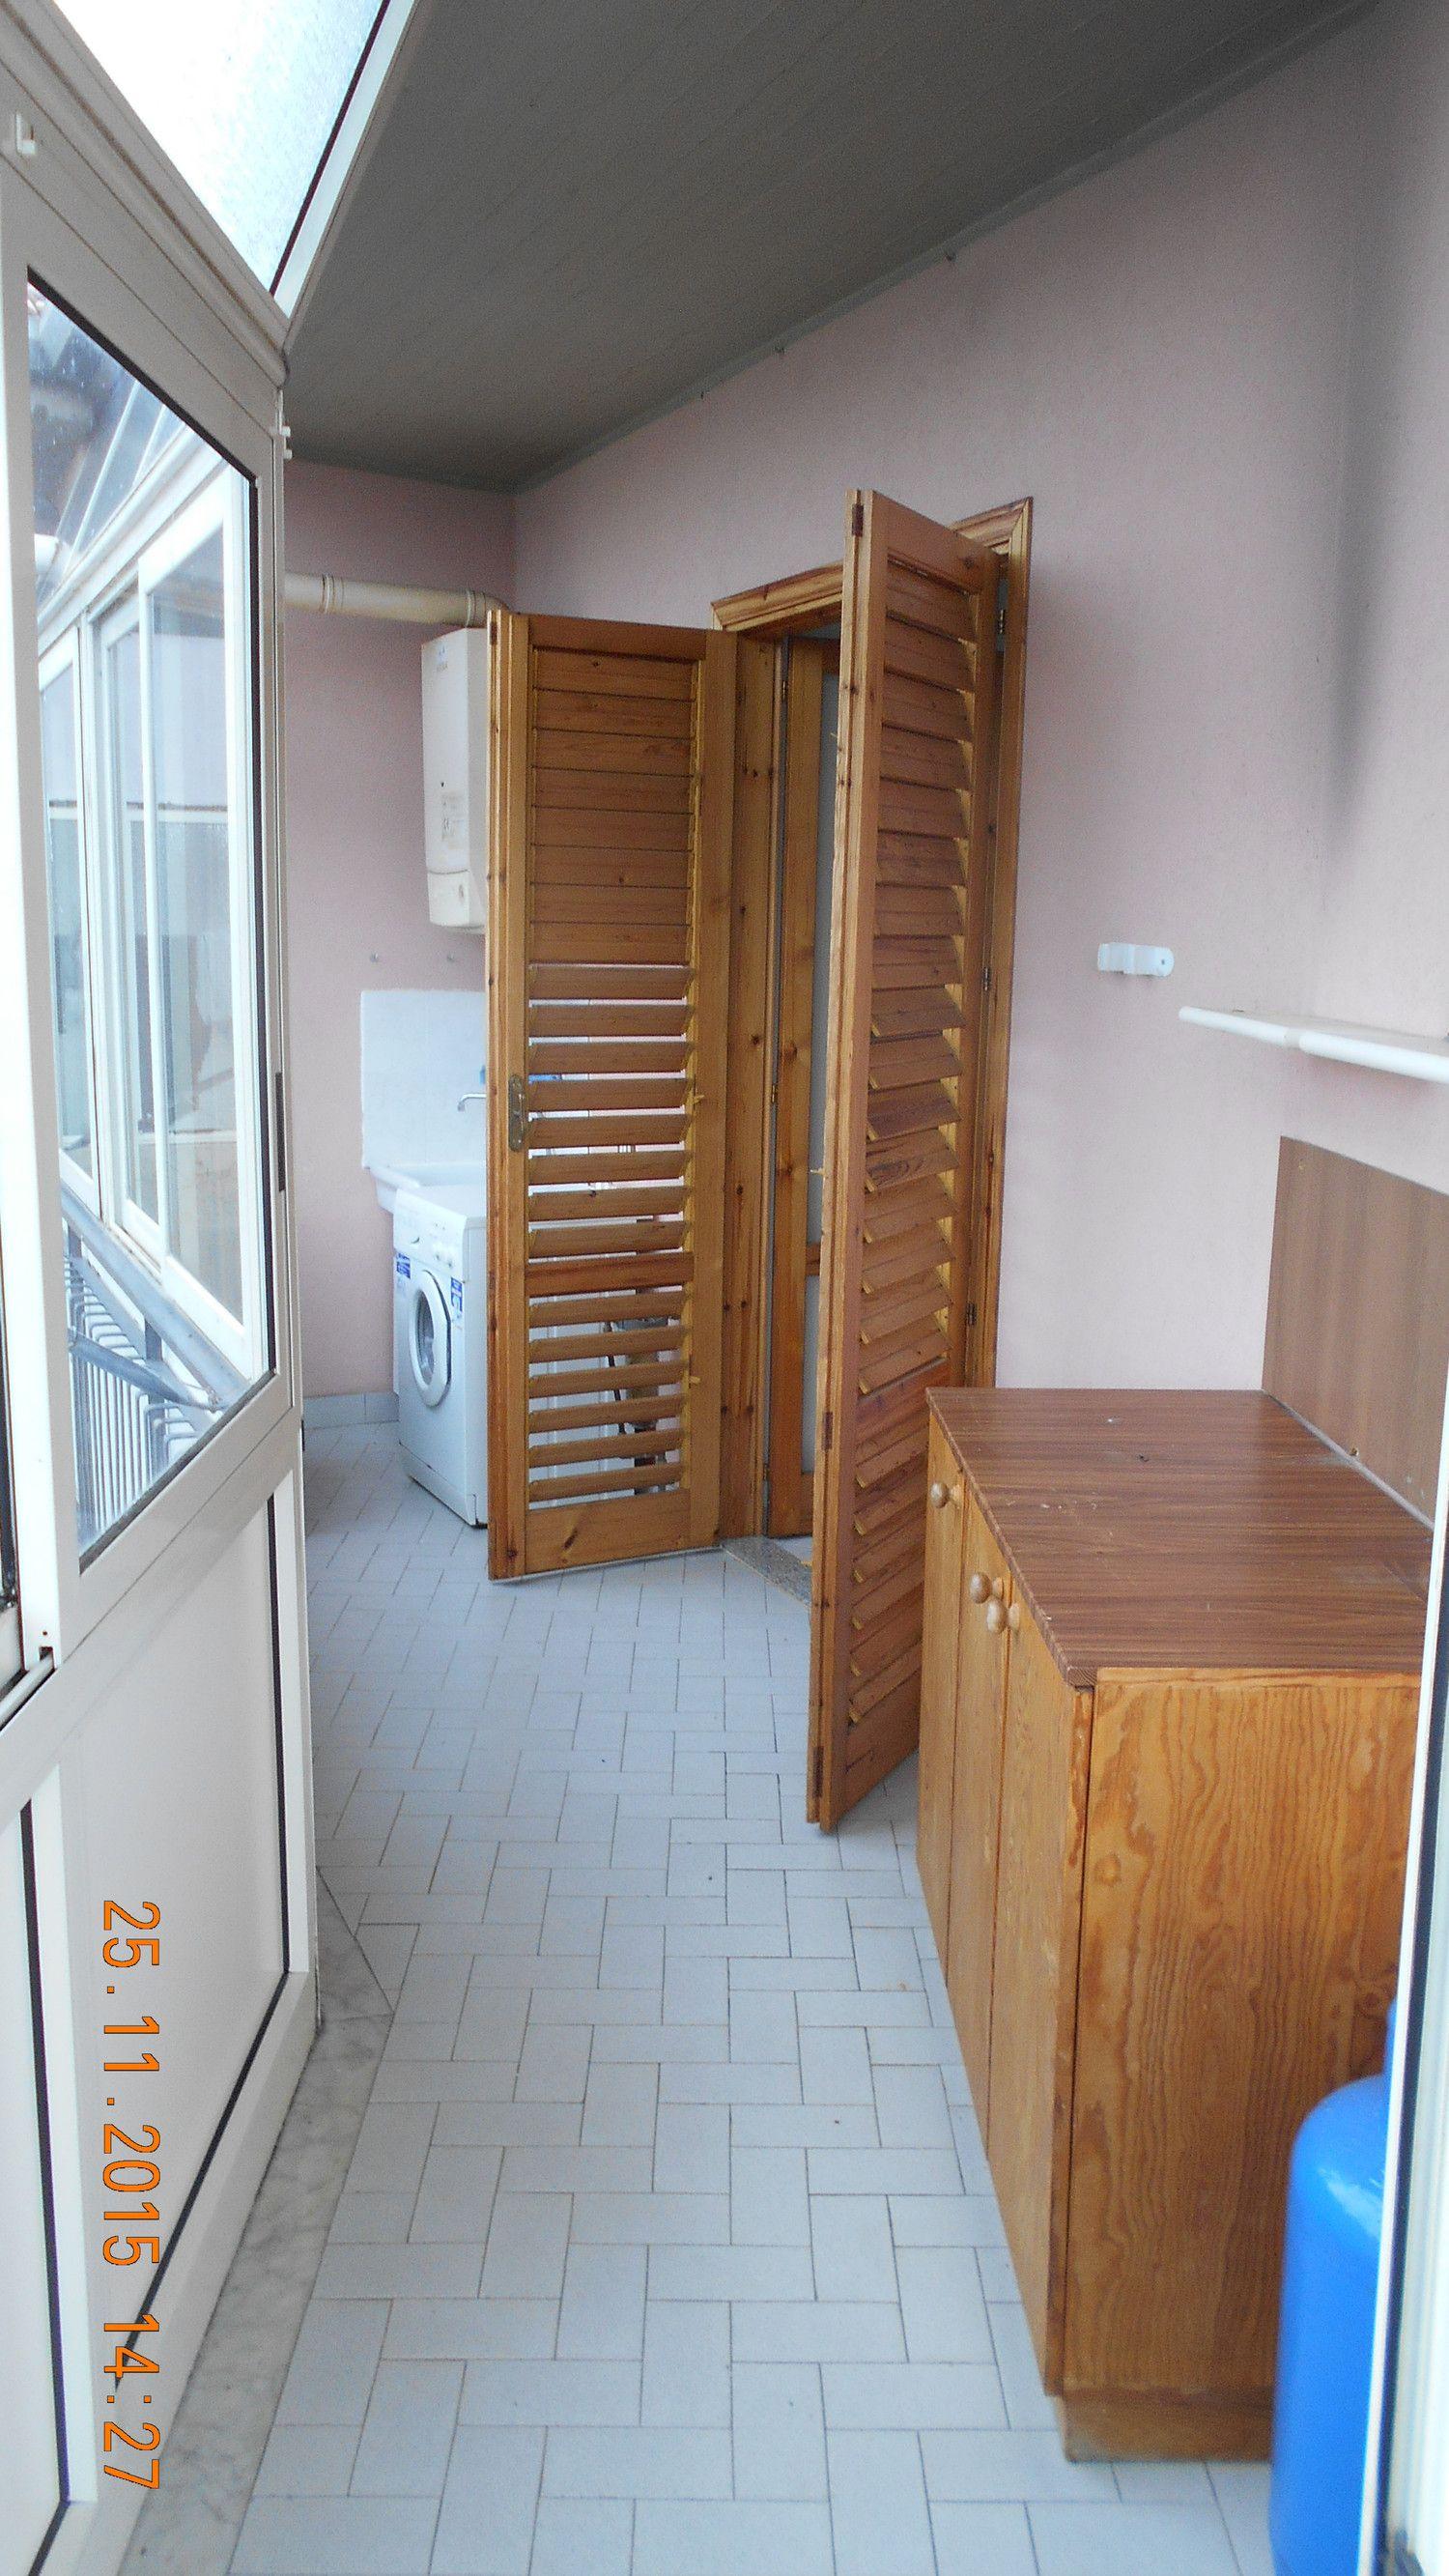 Appartamento in vendita a Santa Venerina, 3 locali, prezzo € 116.000 | Cambio Casa.it